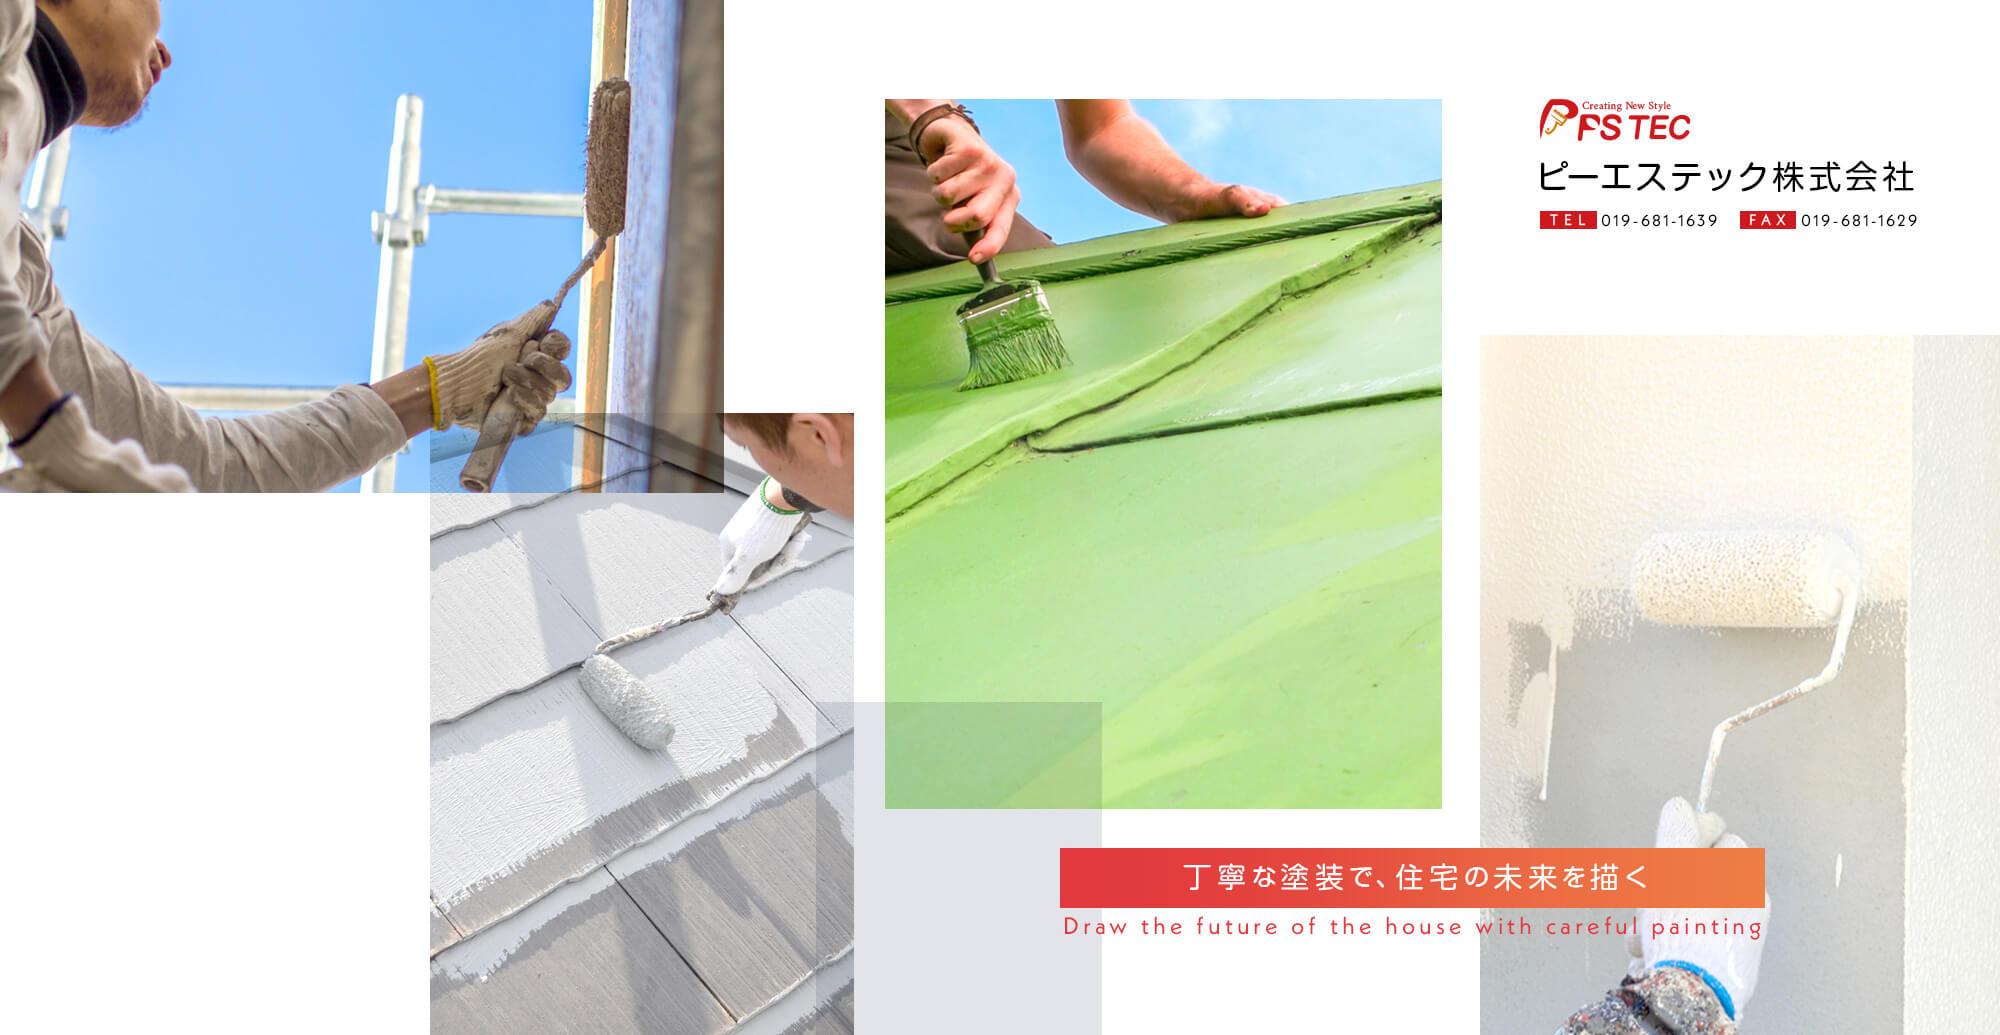 ピーエステック株式会社 TEL:019-681-1639 FAX:019-681-1629 丁寧な塗装で、住宅の未来を描く